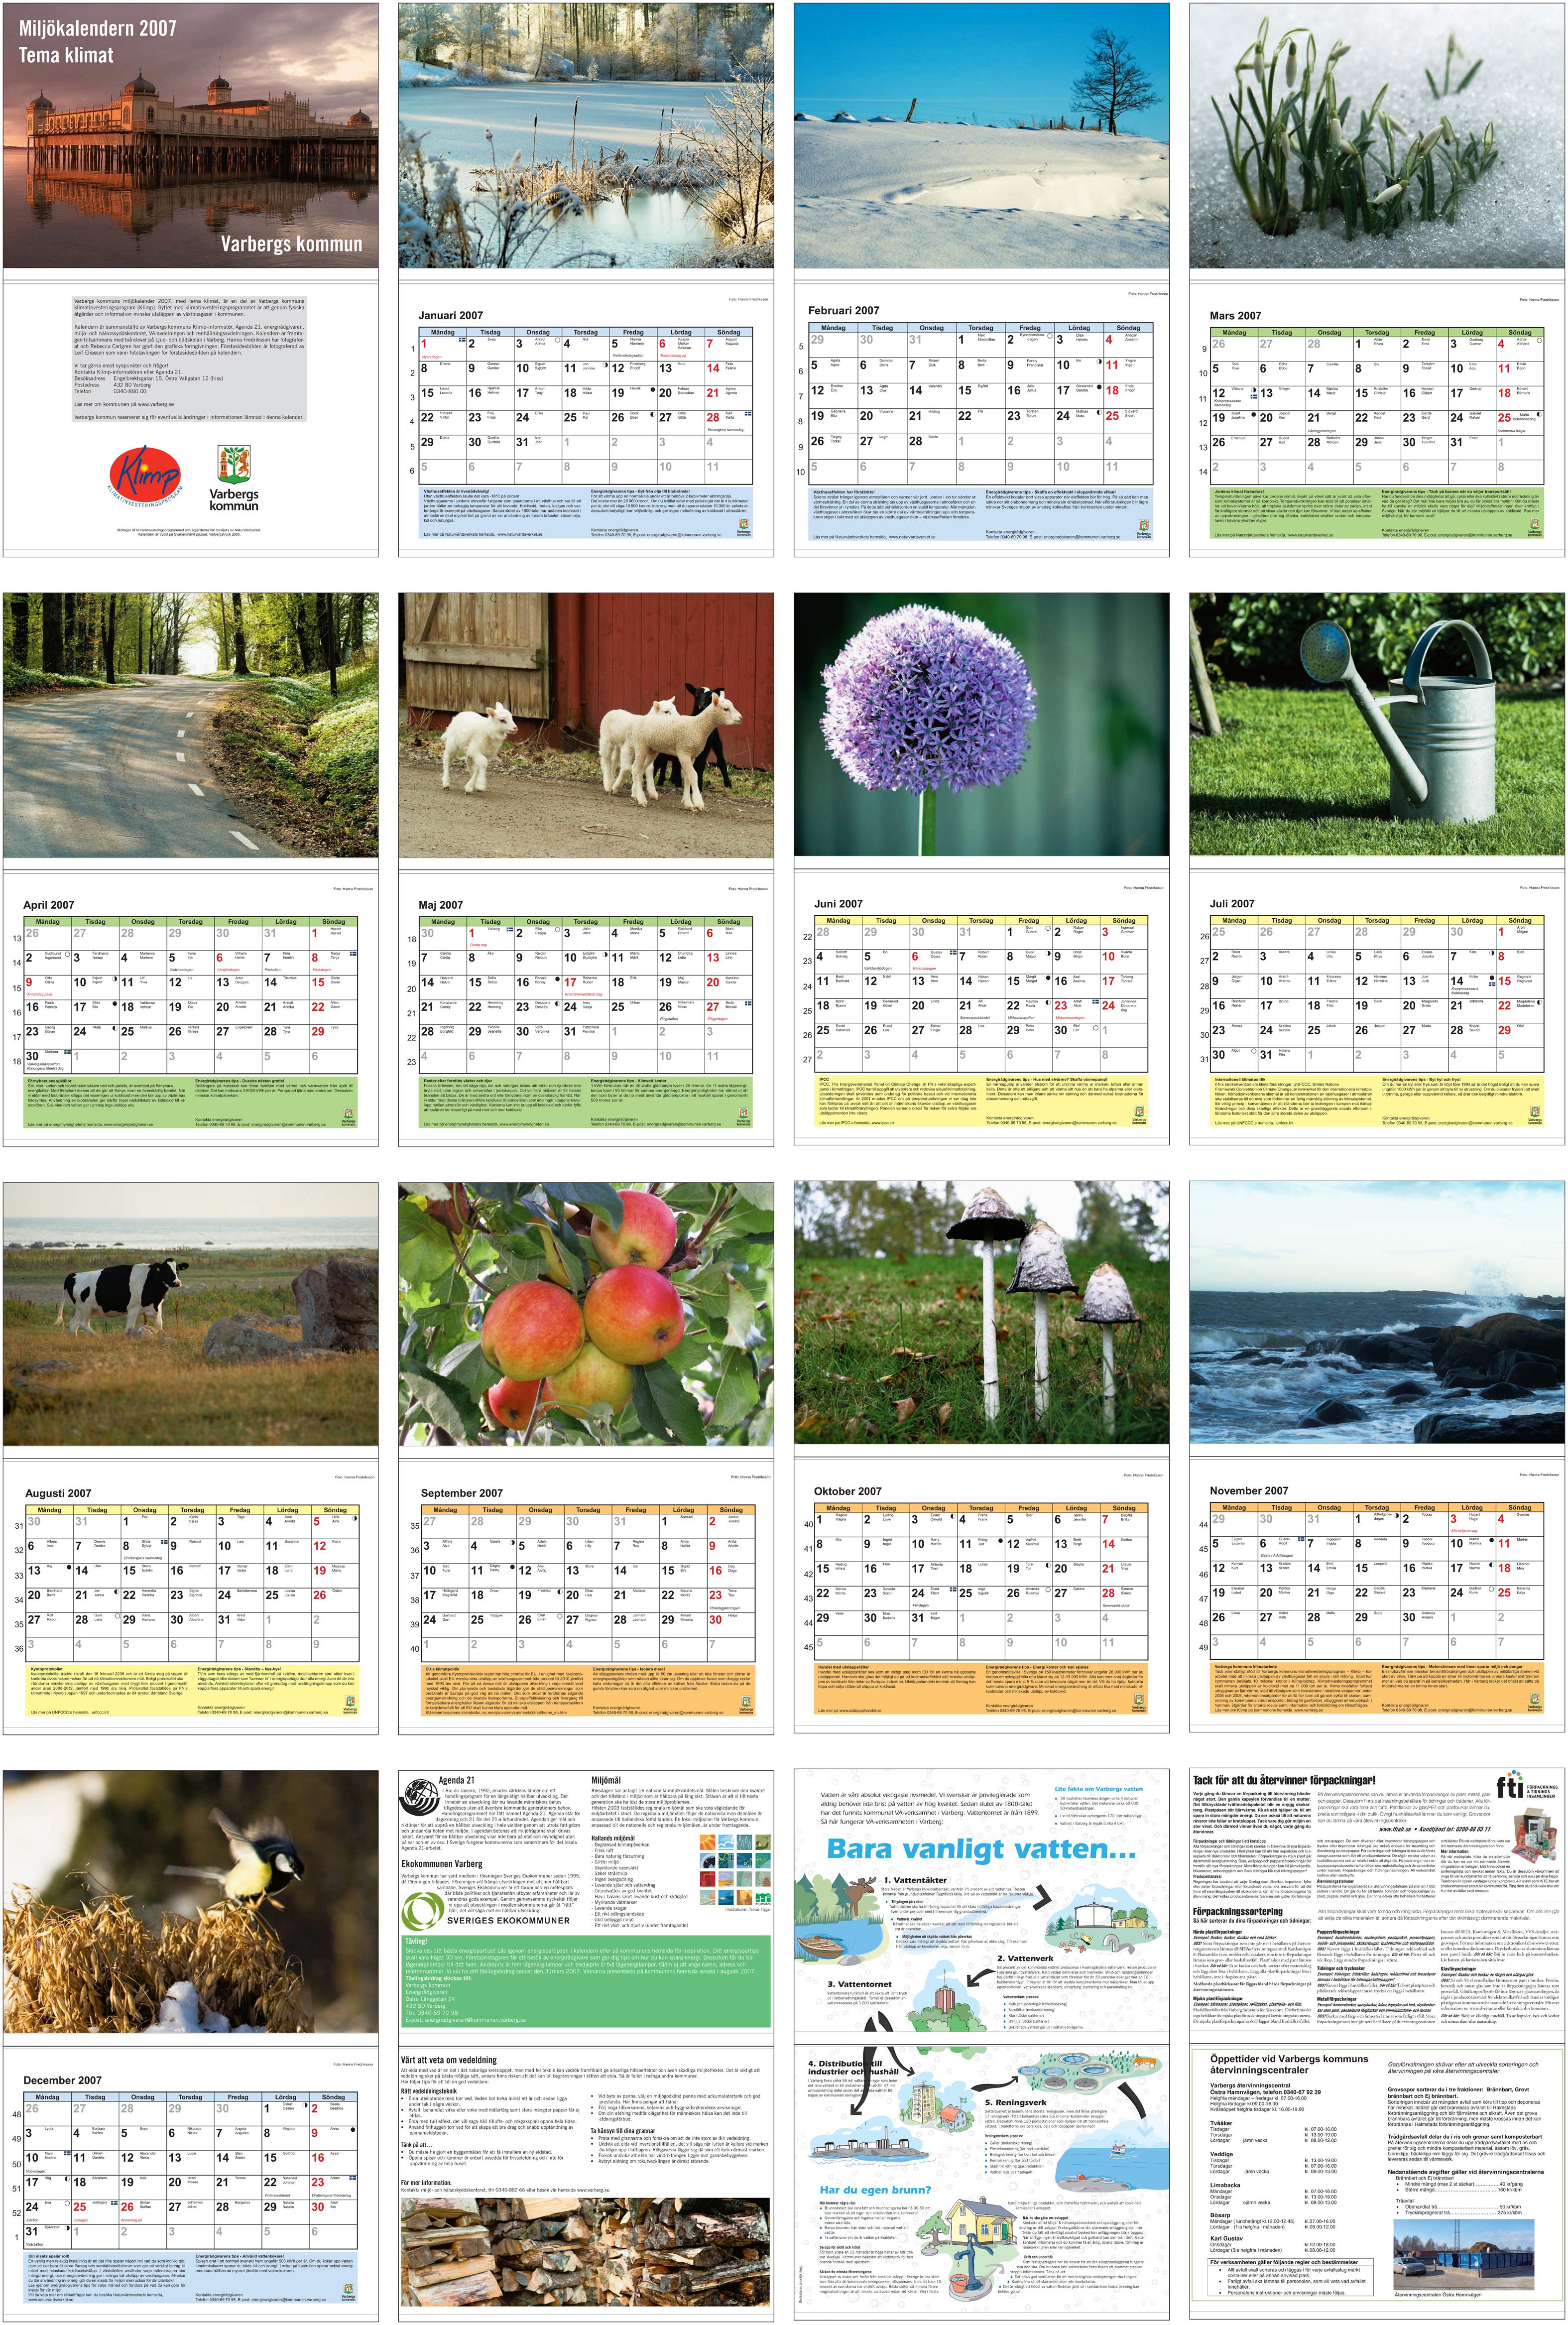 Kalender kommunen